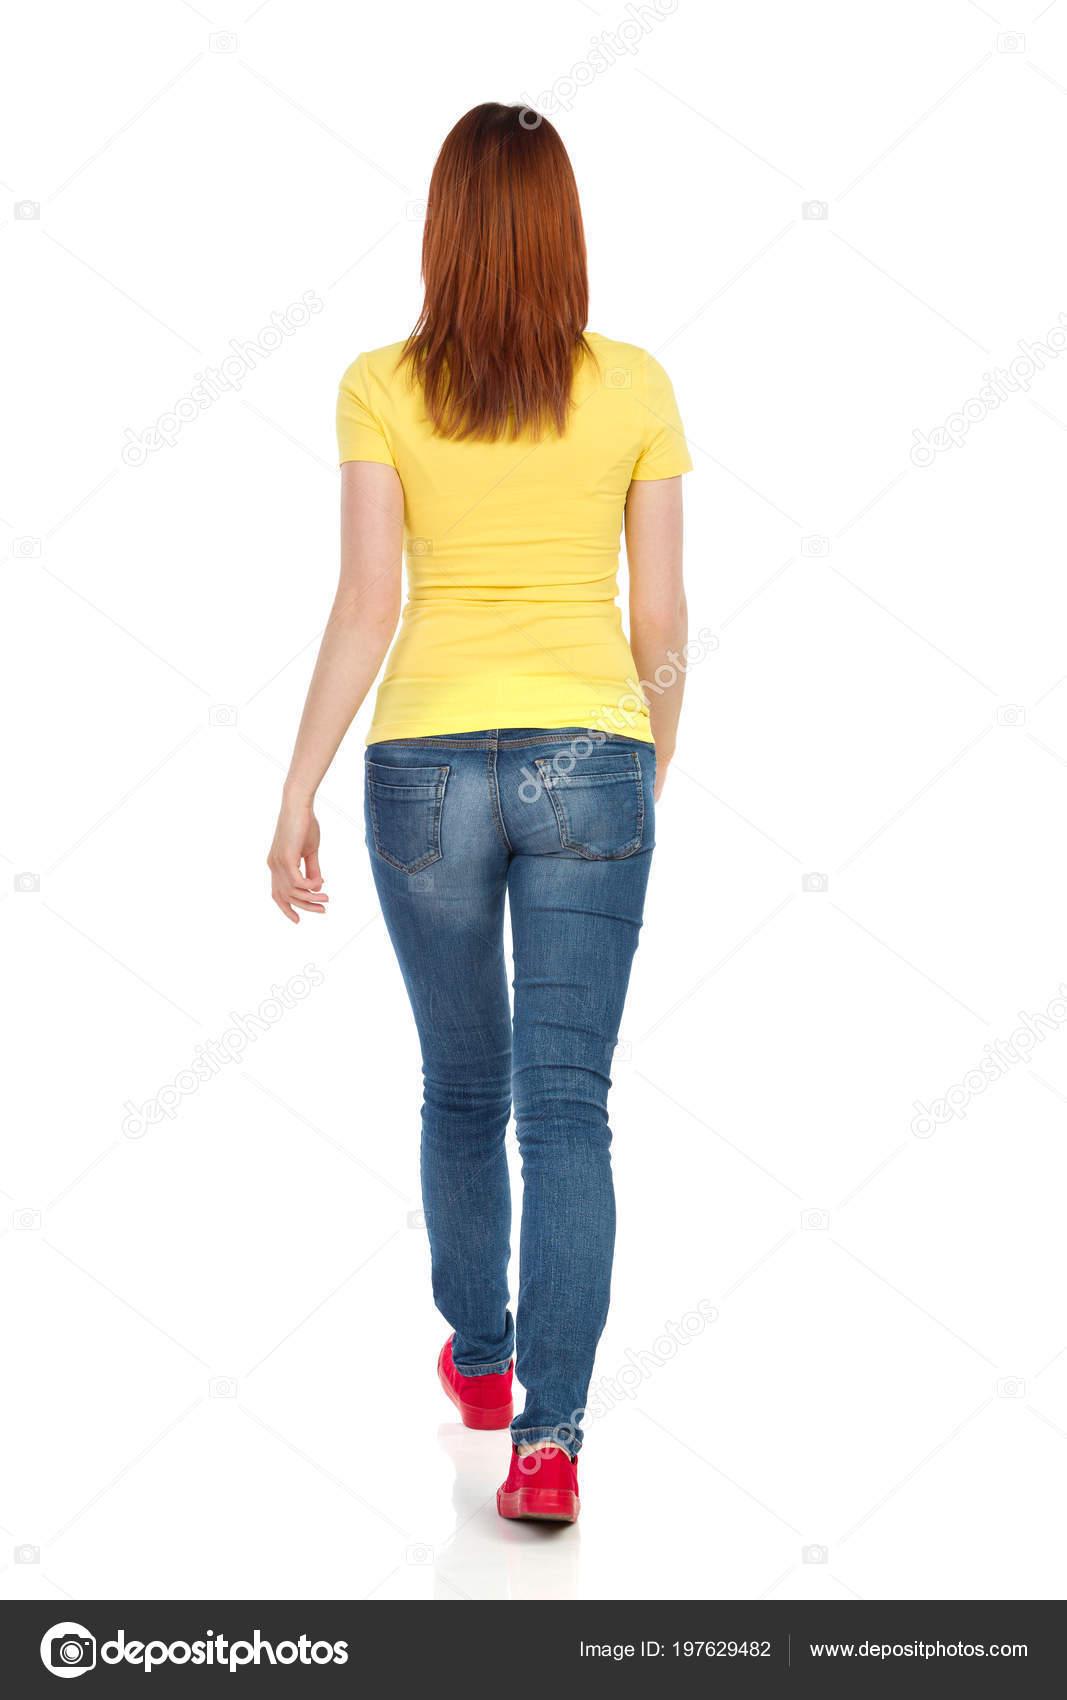 b257ee7f9b32 Νεαρή Γυναίκα Στο Κίτρινο Μπλουζάκι Τζιν Και Κόκκινα Αθλητικά Παπούτσια —  Φωτογραφία Αρχείου